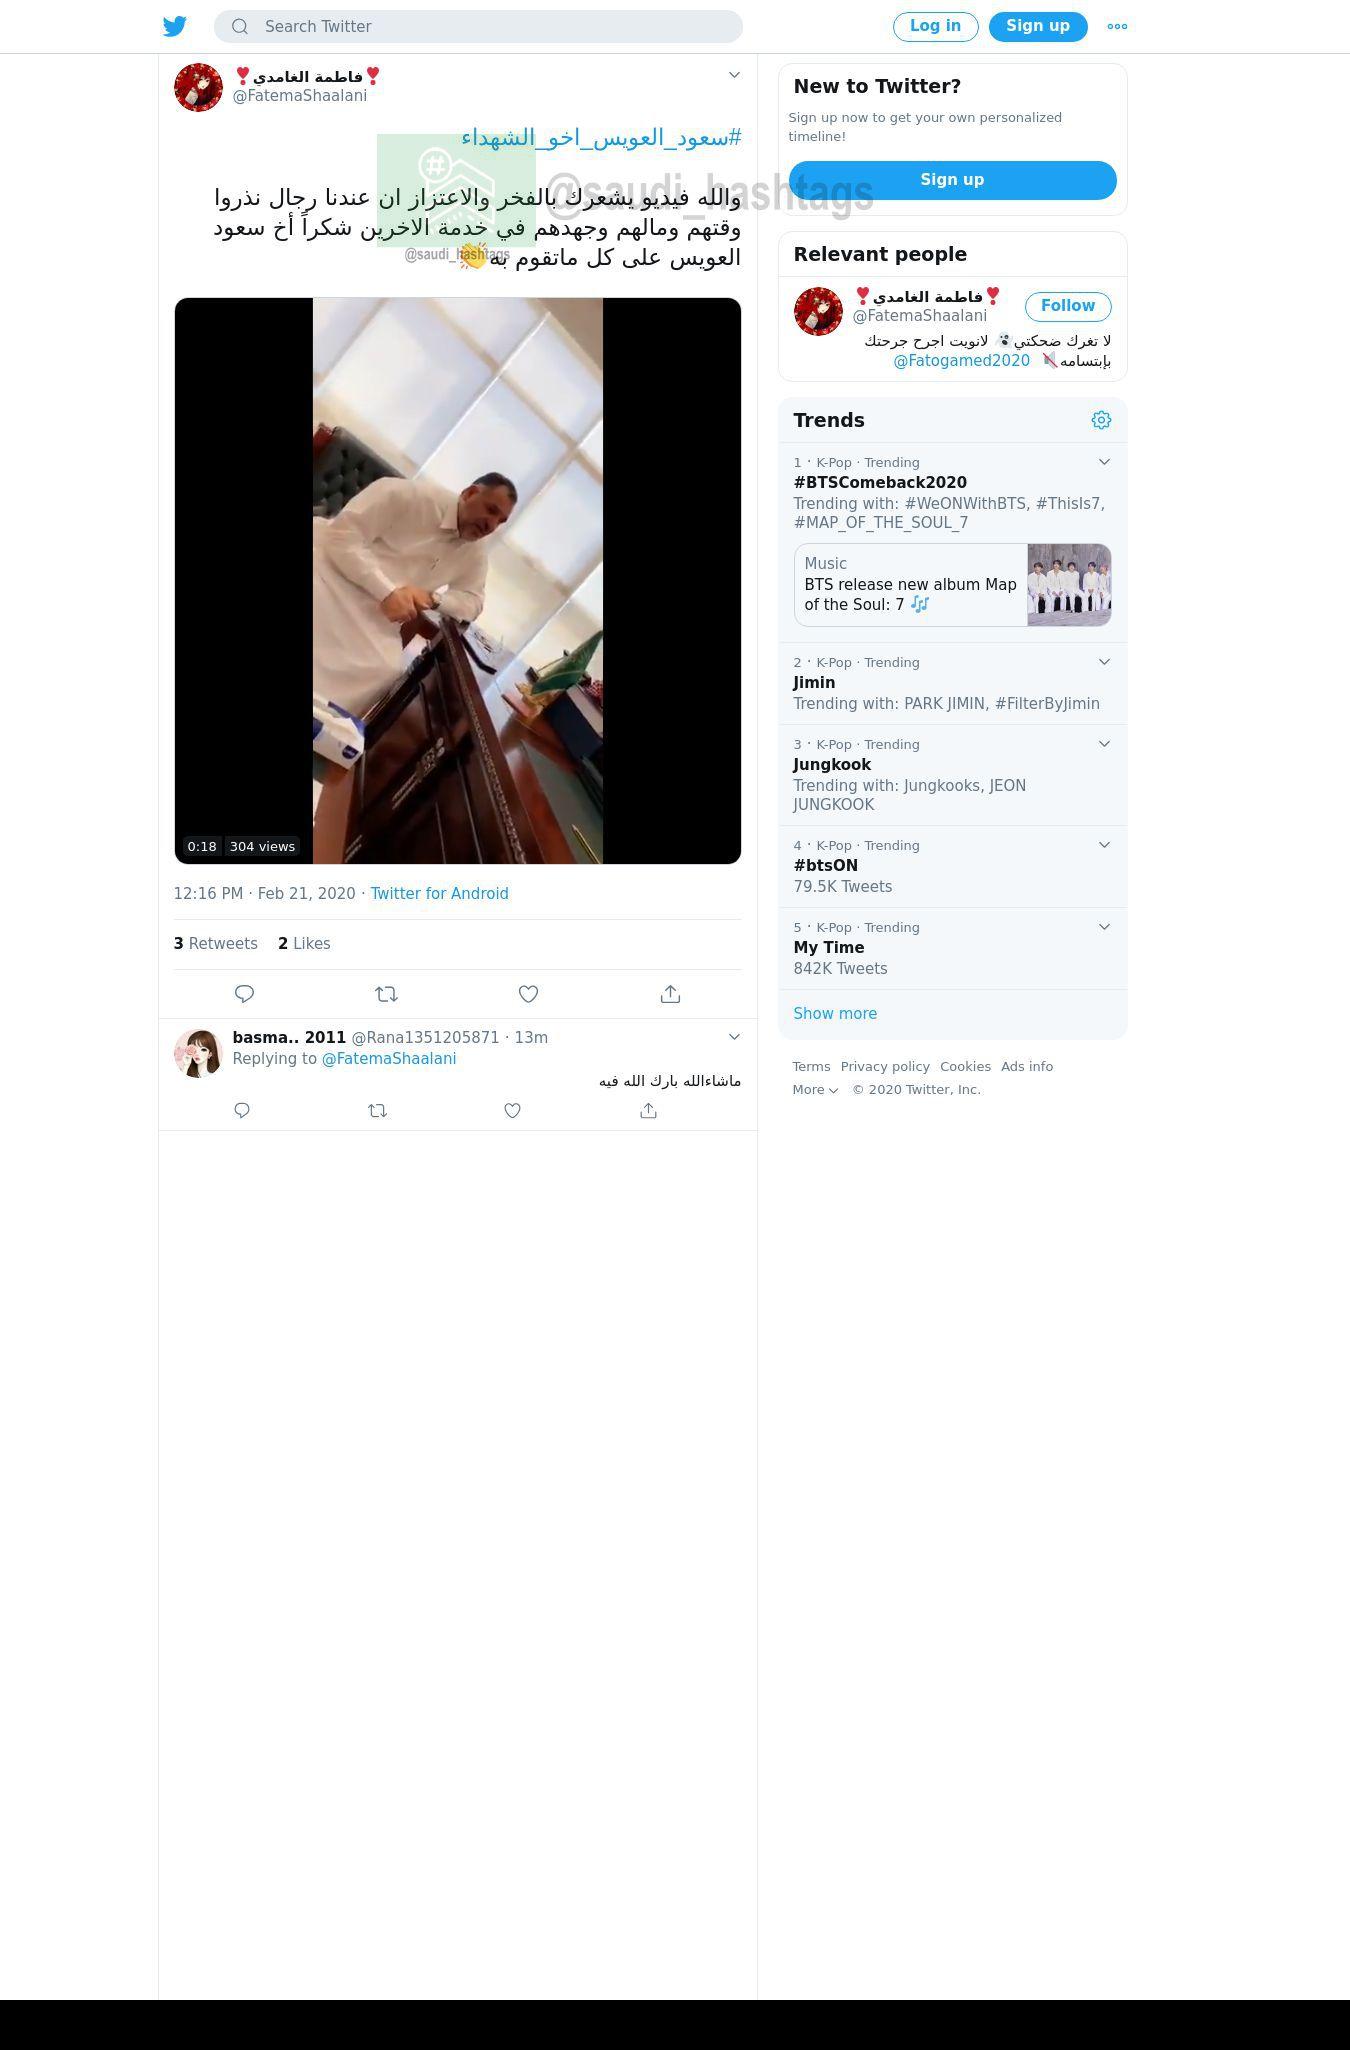 لقطة لاول تغريدة في هاشتاق #سعود_العويس_اخو_الشهداء